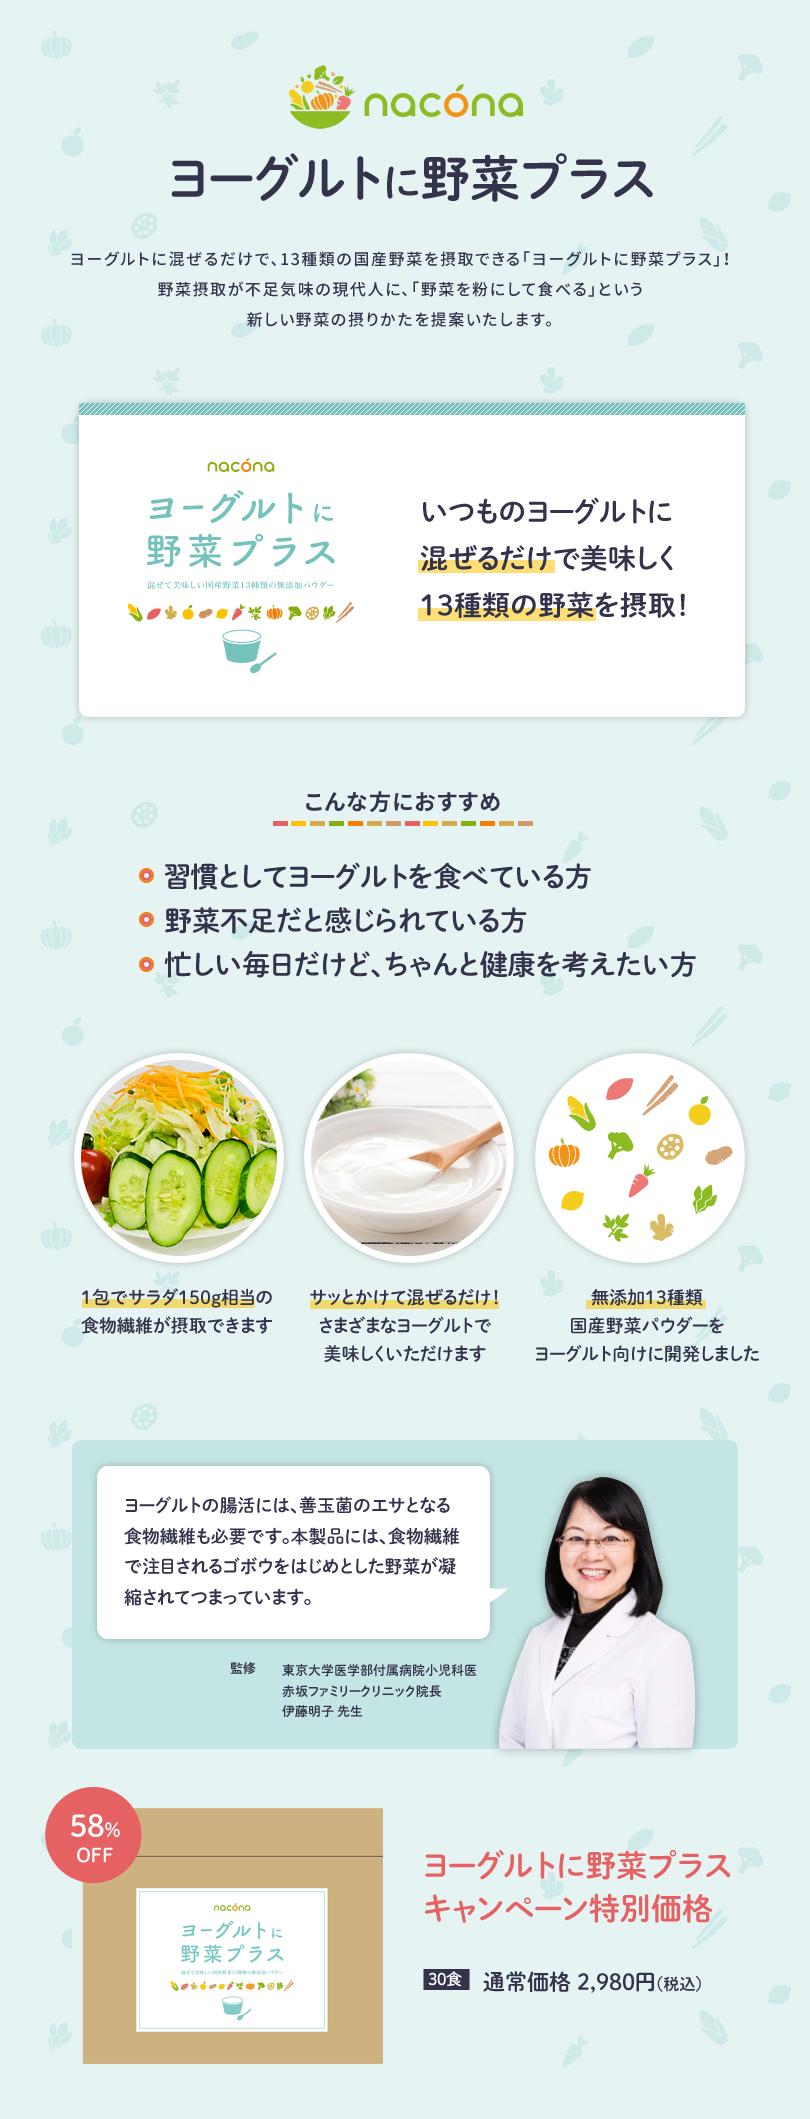 ヨーグルトに野菜プラス説明1